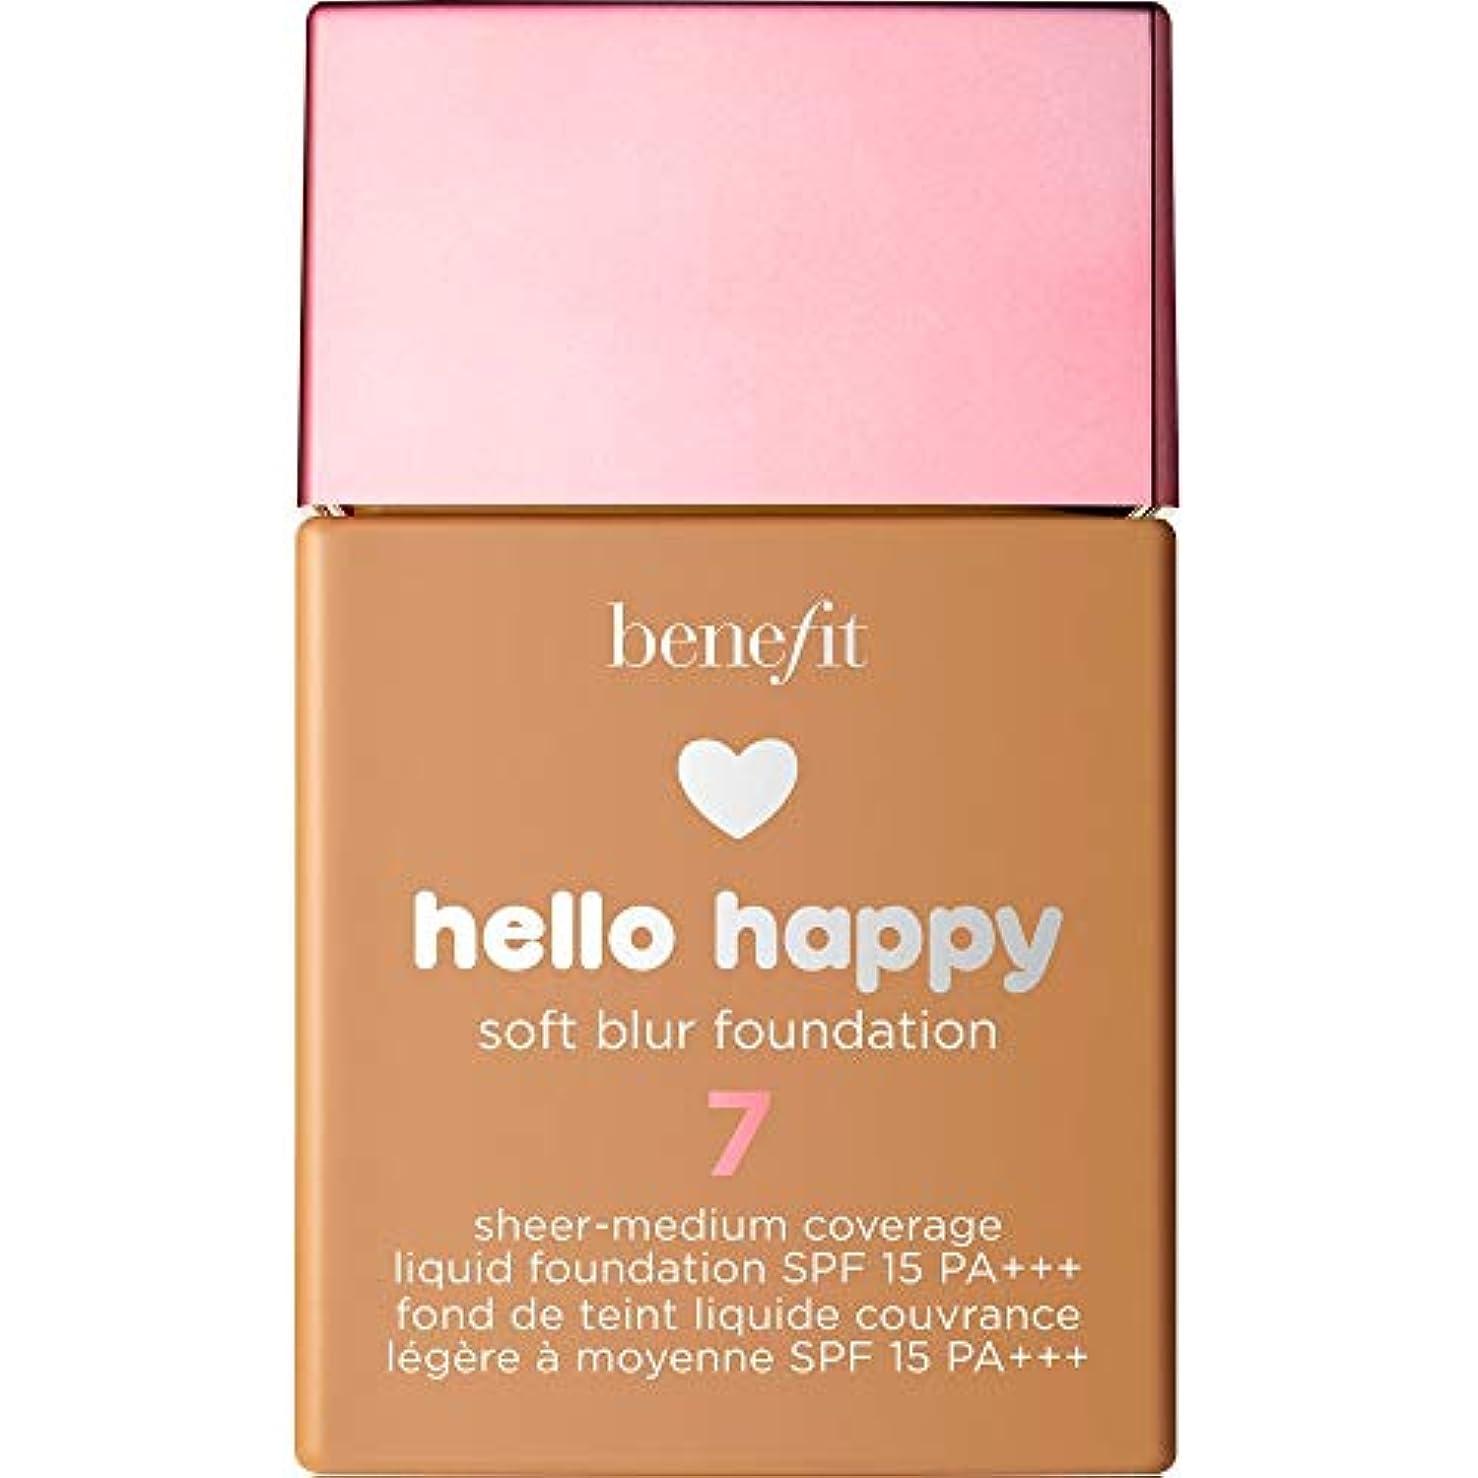 雇用者爪ラジカル[Benefit ] 利益こんにちは幸せなソフトブラー基礎Spf15 30ミリリットル7 - 中規模たん暖かいです - Benefit Hello Happy Soft Blur Foundation SPF15 30ml...